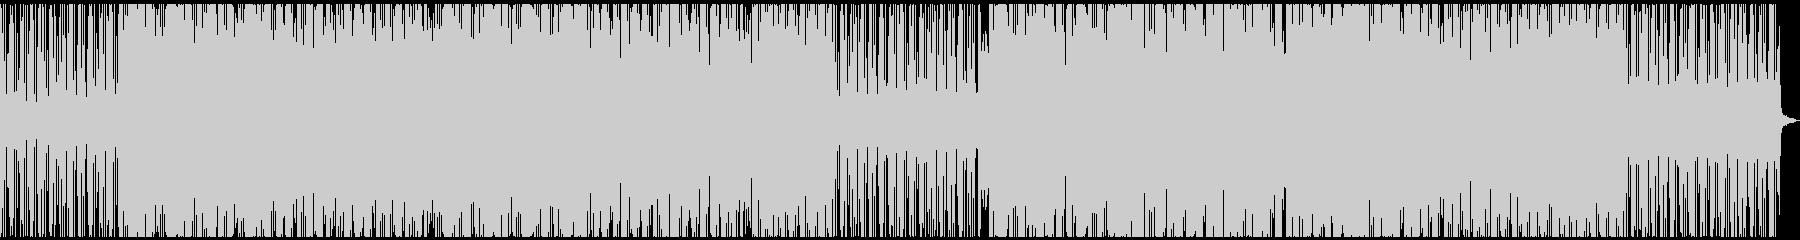 メロウでオシャレなピアノヒップホップの未再生の波形